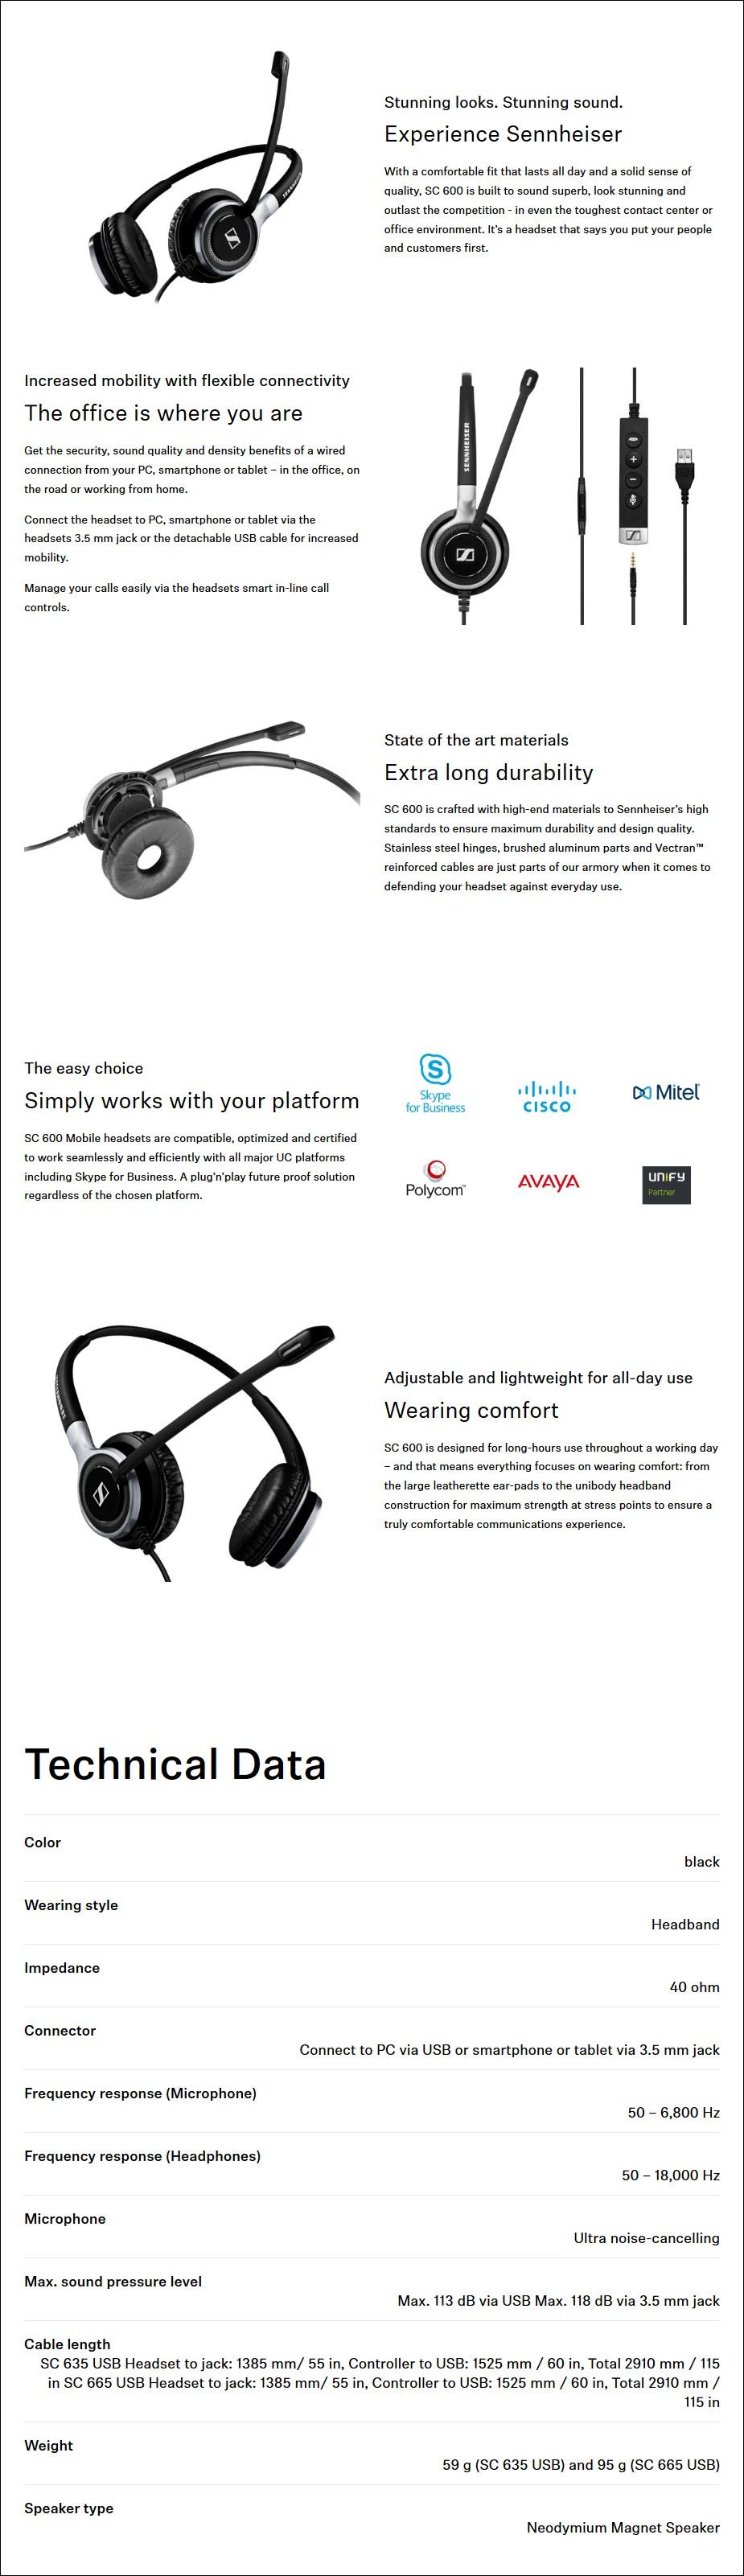 Sennheiser SC 635 USB Monaural Office Headset - Desktop Overview 1